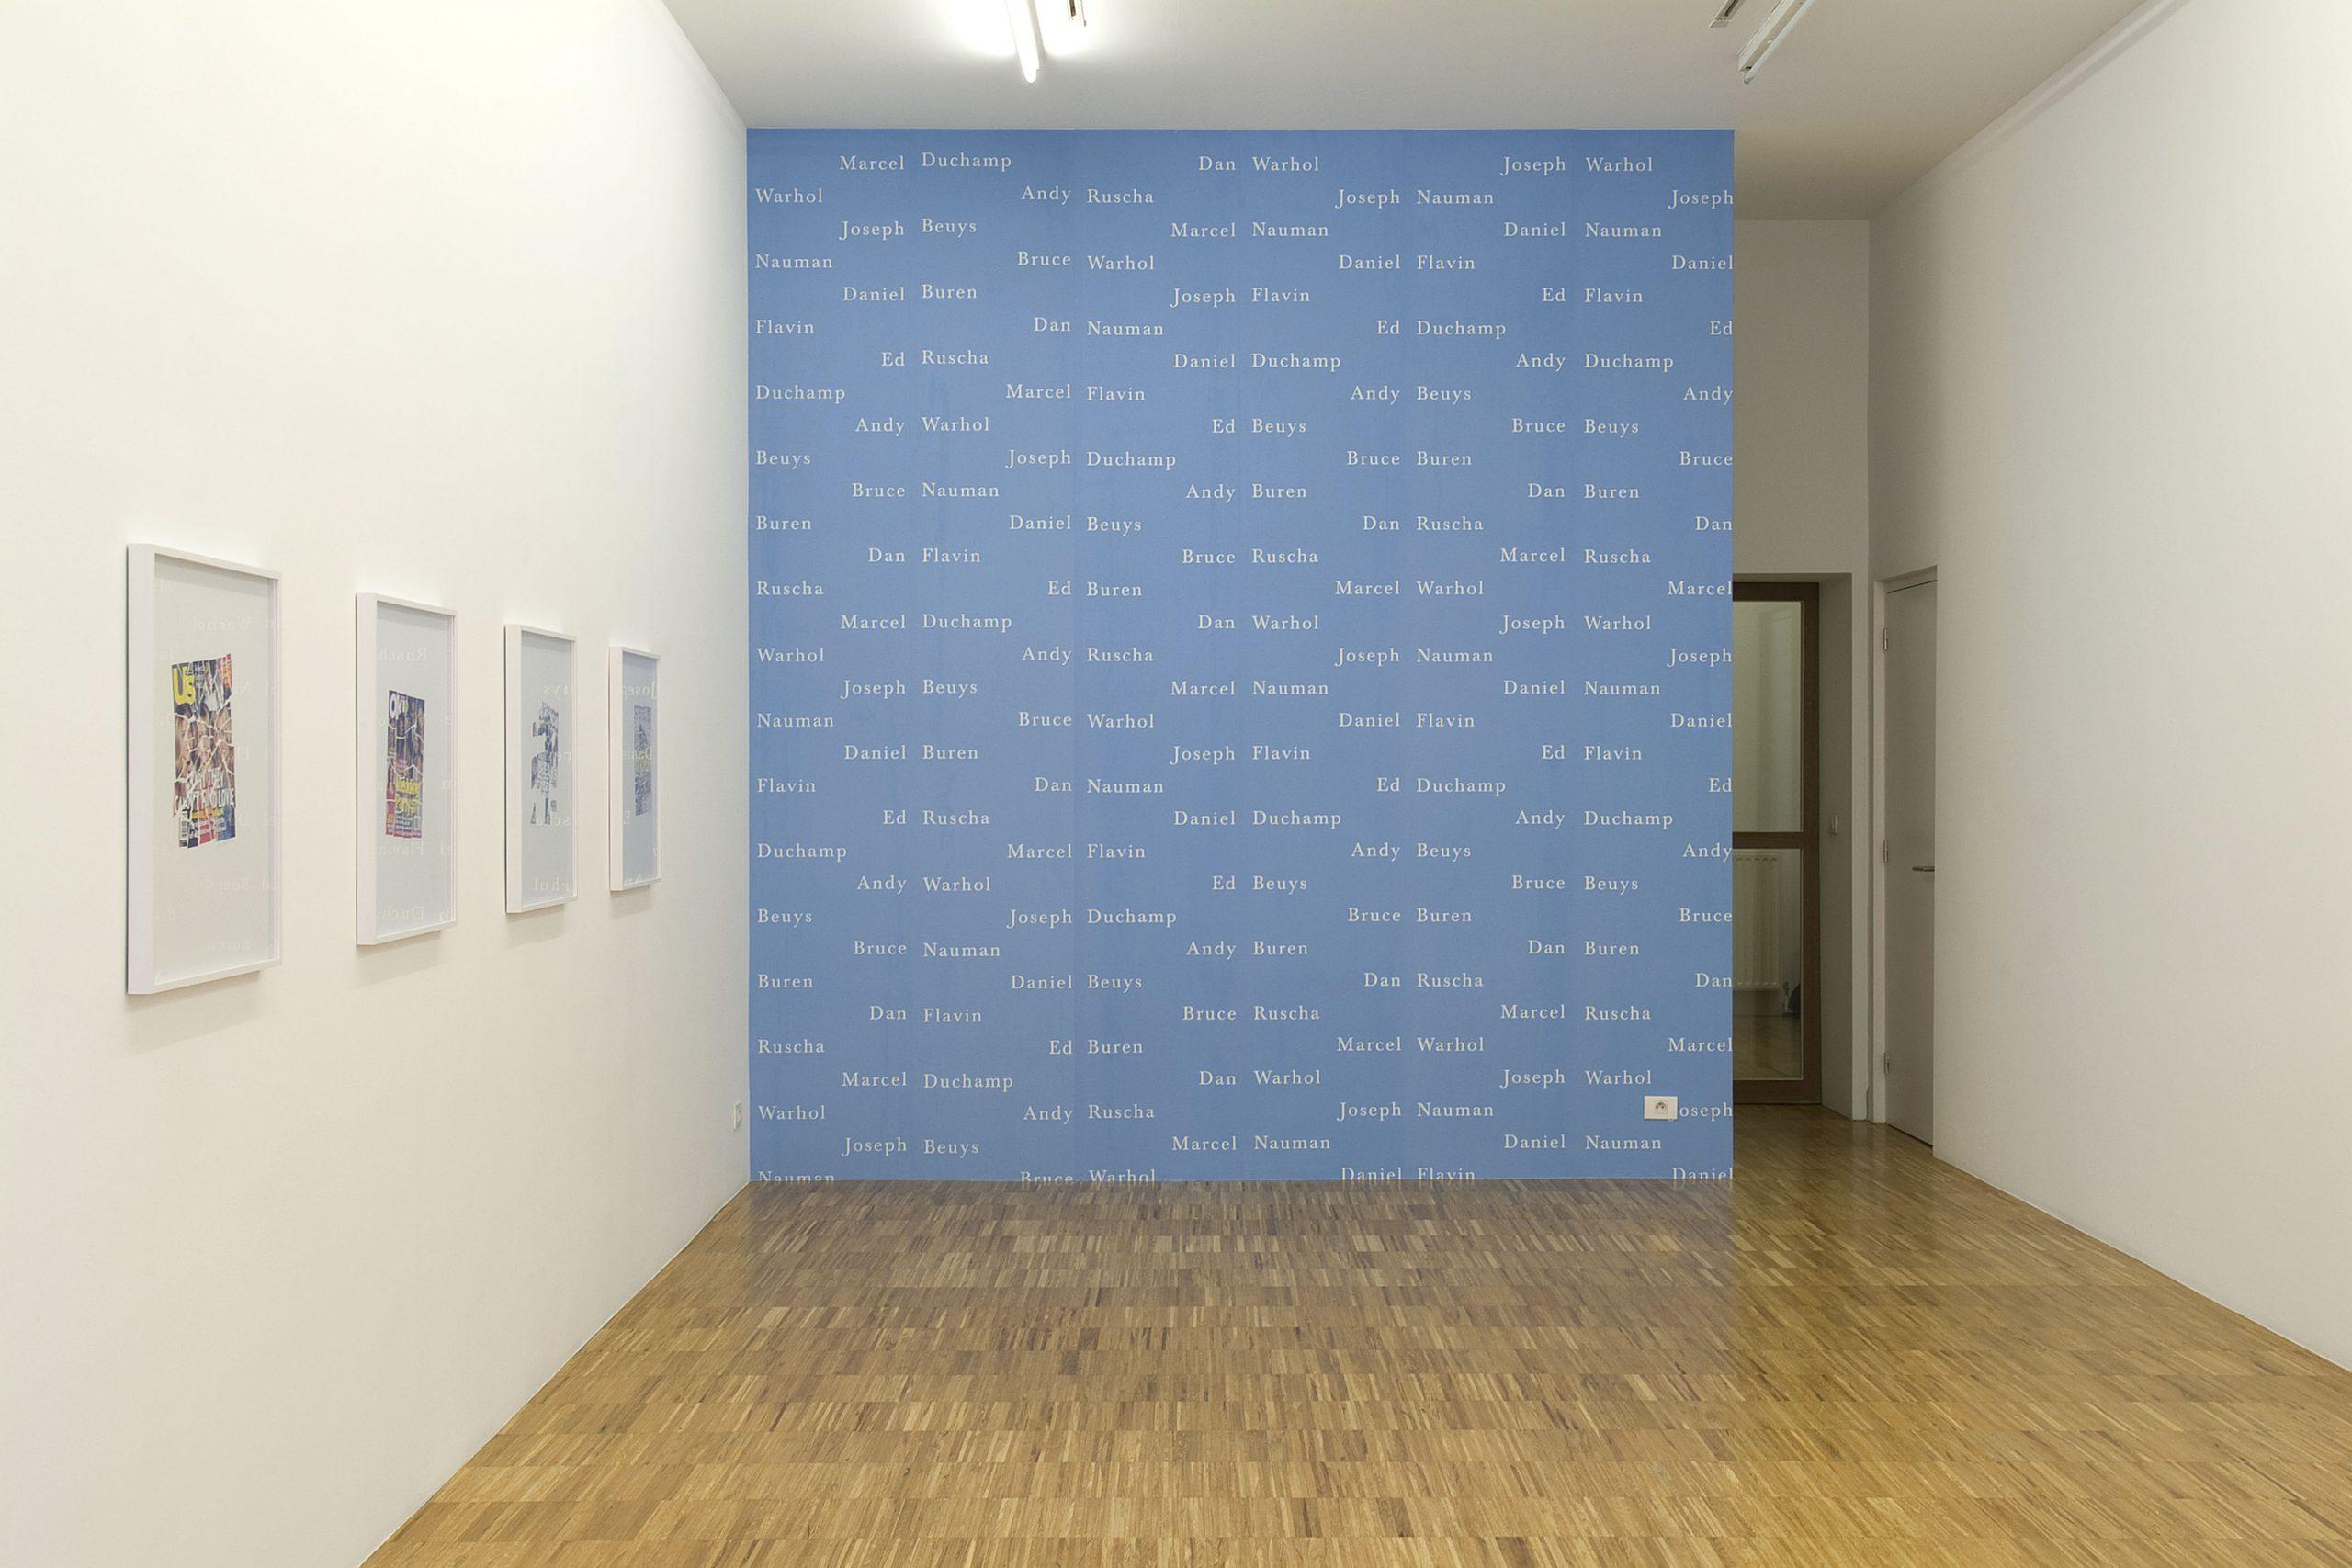 Pierre Bismuth - installation view at Jan Mot, 2007